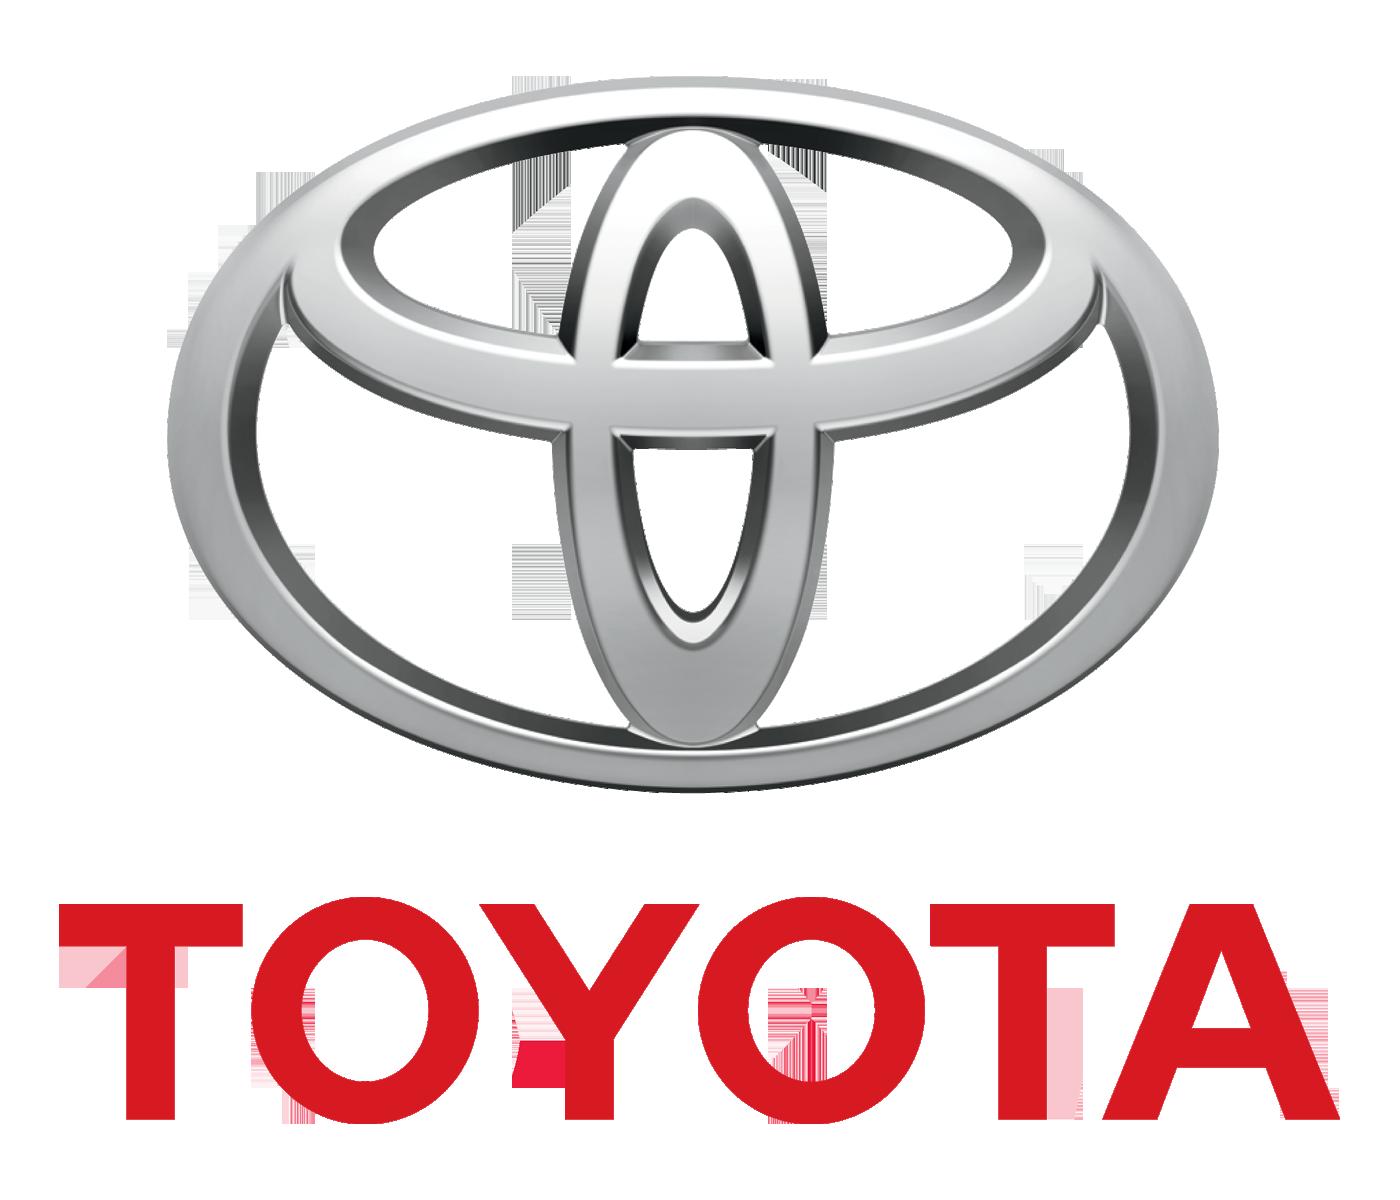 toyota logo hidden message